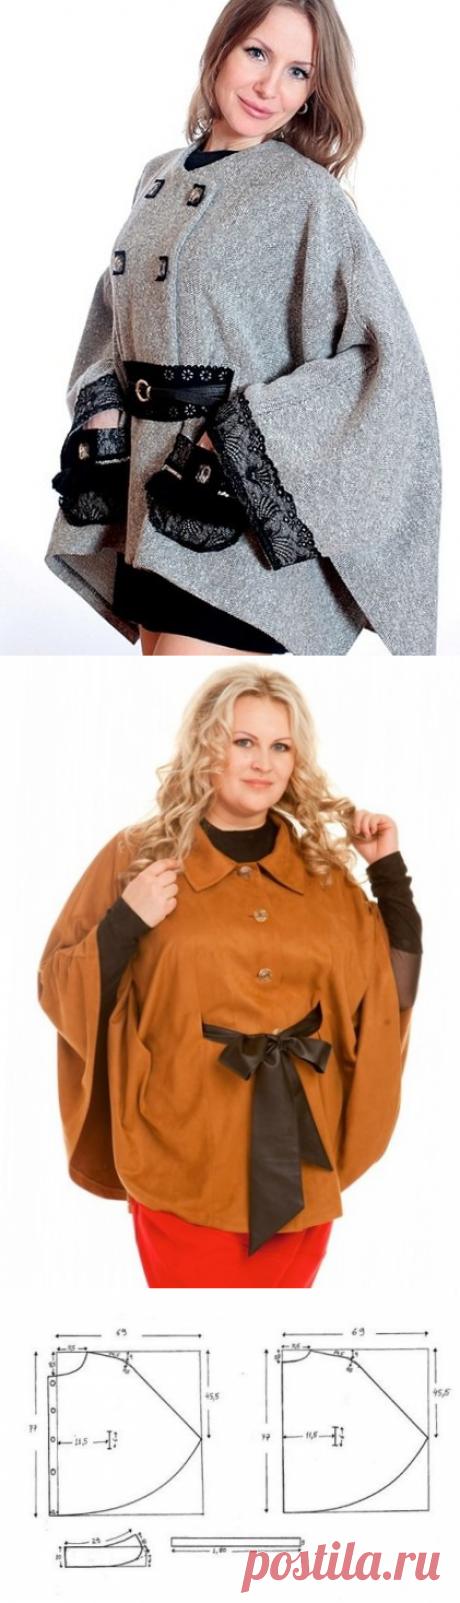 Классическое пончо на любую фигуру (Шитье и крой) – Журнал Вдохновение Рукодельницы